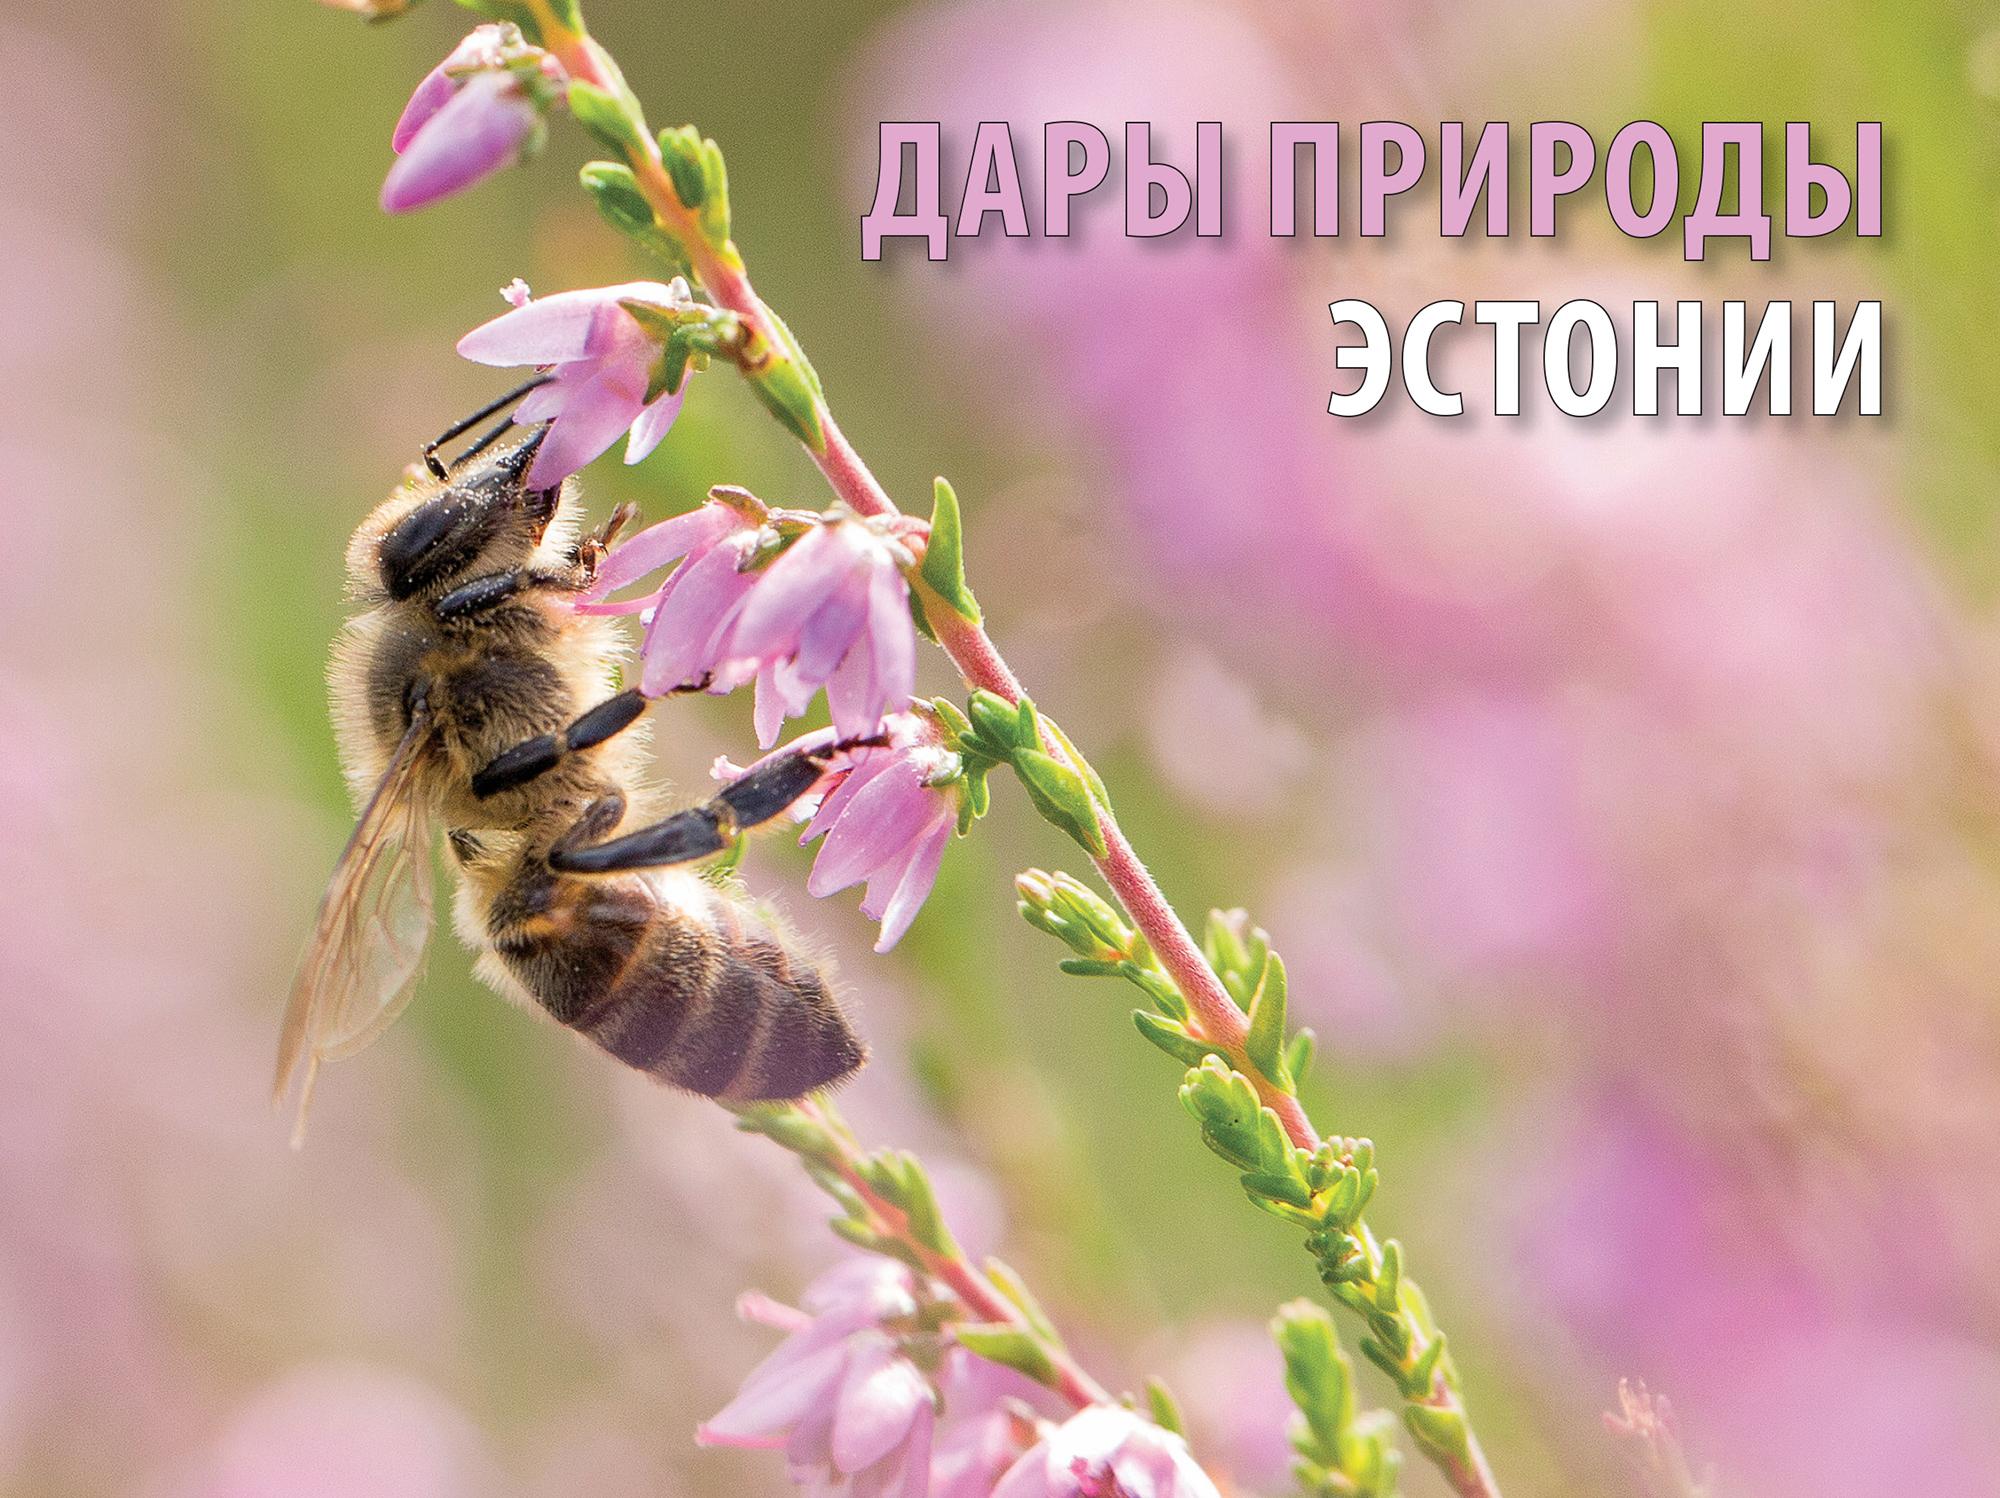 Журнал о природе Эстонии на русском языке можно получить бесплатно (розыгрыш)